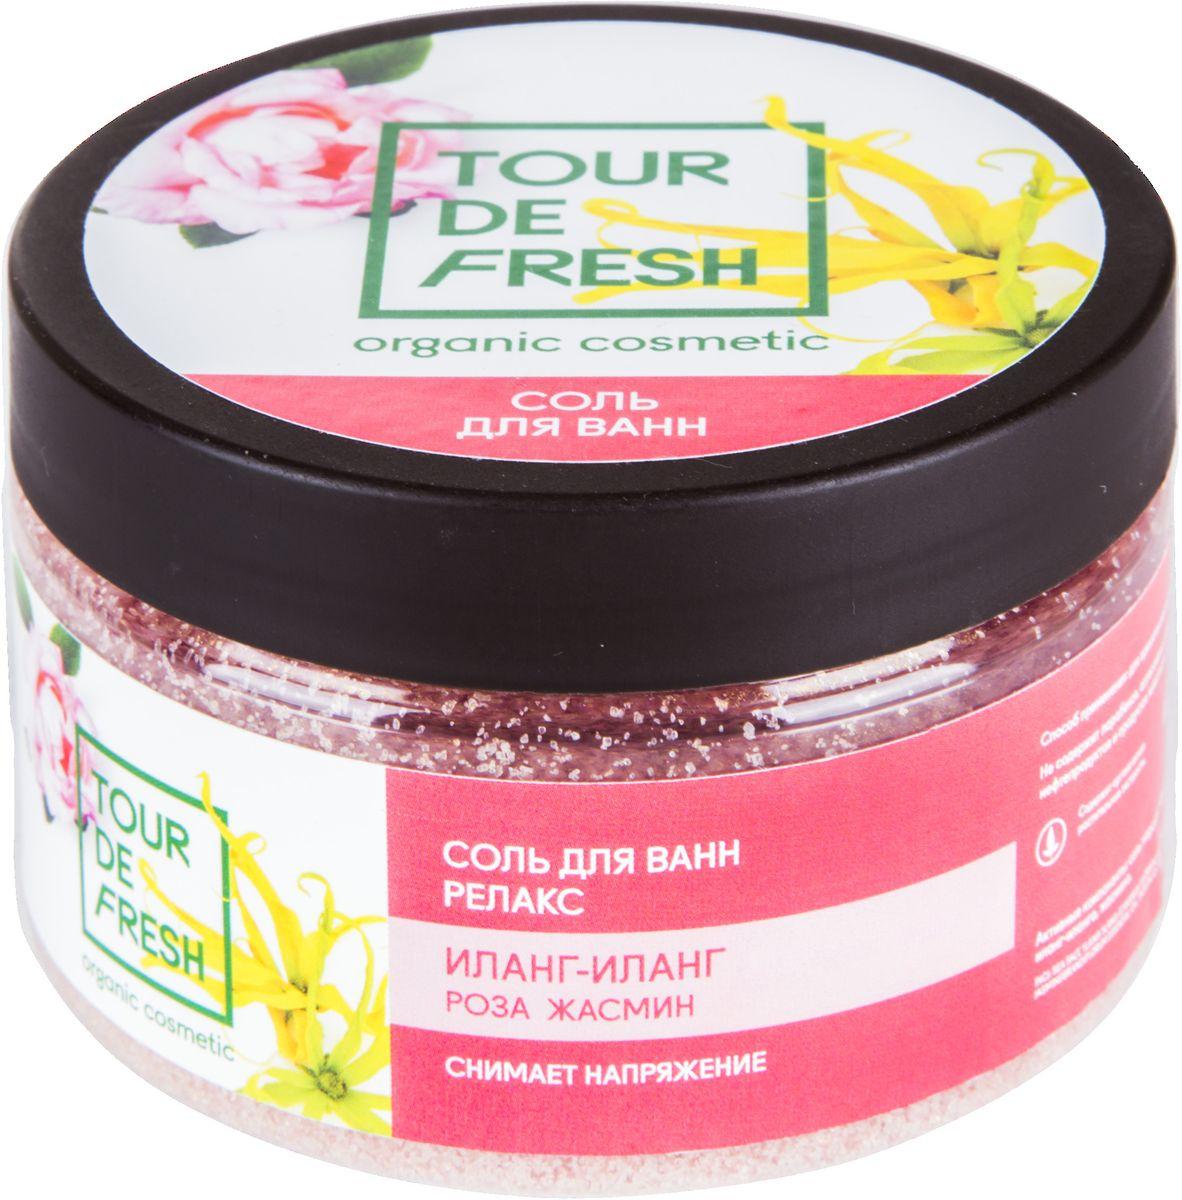 Tour De Fresh Соль для ванн Релакс, 200 млУФ000000061Соль для ванн с цветочными маслами предназначена для снятия усталости и напряжения после тяжёлого дня. Иланг-иланг обладает эффективным антистрессовым действием, улучшает настроение, полезен для нервной системы. Масло дамасской розы способствует омоложению клеток, подтягивает кожу, борется с возрастными изменениями. Жасмин способствует глубокой релаксации, полезен при бессоннице, дарит ощущение лёгкости и комфорта. Ароматная ванна с жасмином особенно полезна для женщин, она избавляет от предменструальных болей, нормализует цикл и может быть рекомендована при различных дисфункциях и воспалениях.